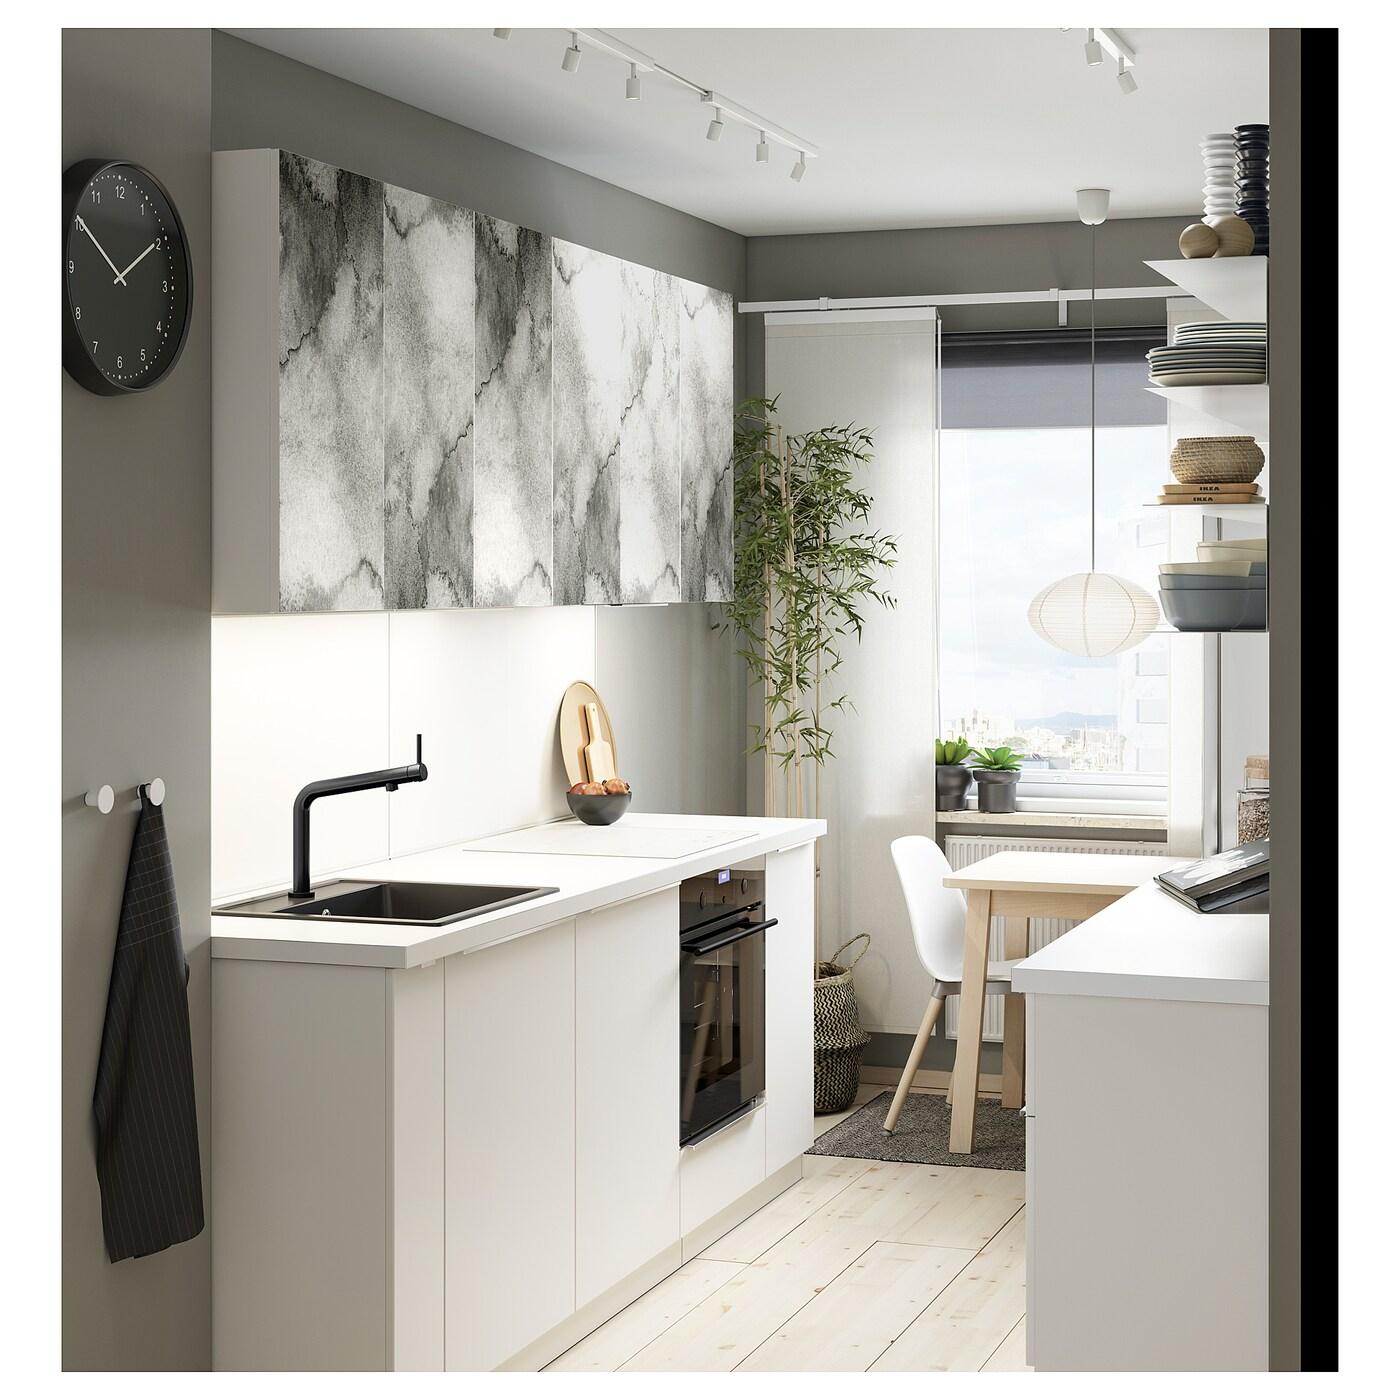 Full Size of Küchenrückwand Ikea Lysekil Wandpaneel Doppelseitig Wei Betten 160x200 Modulküche Küche Kosten Bei Miniküche Sofa Mit Schlaffunktion Kaufen Wohnzimmer Küchenrückwand Ikea